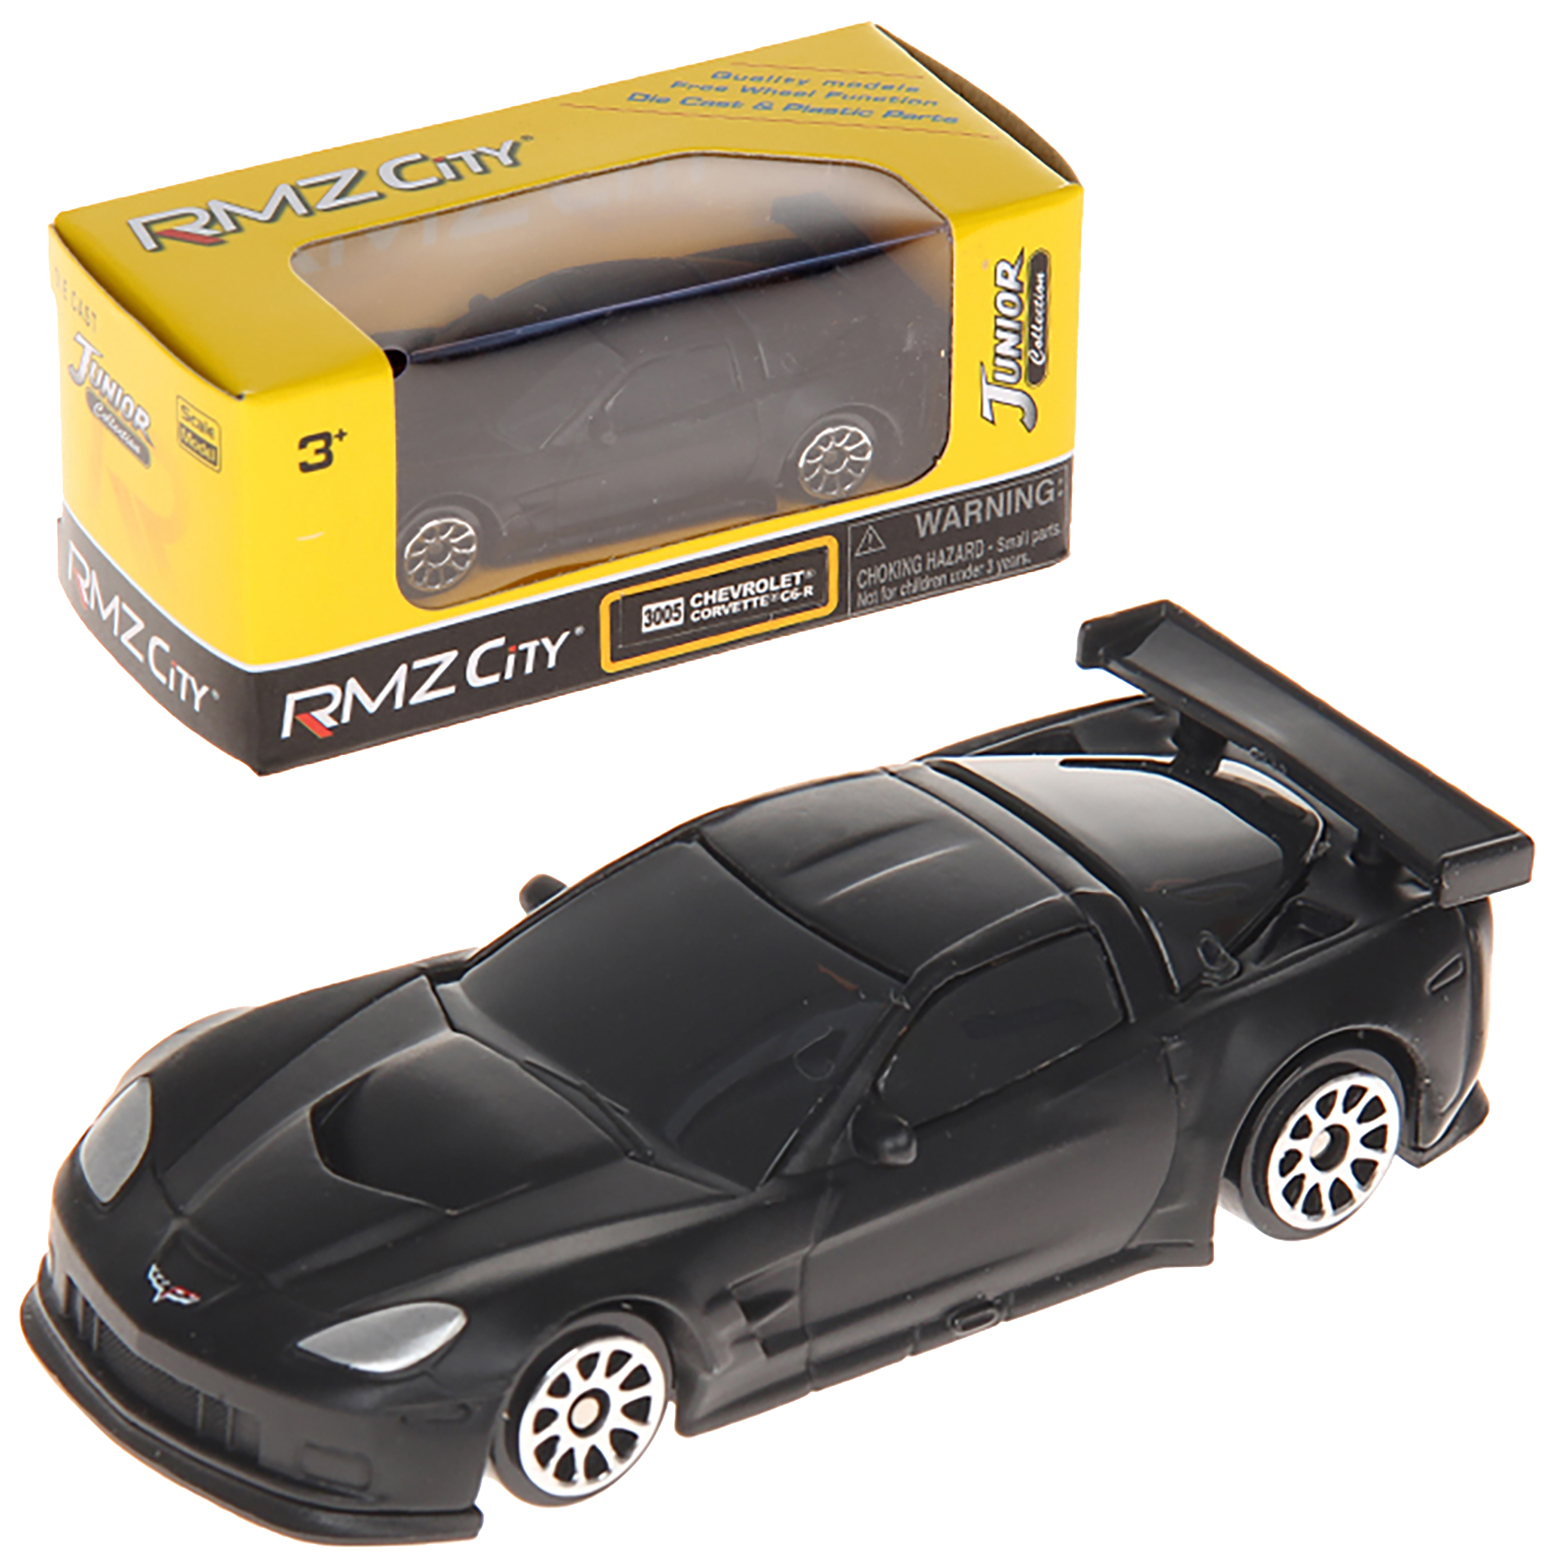 Коллекционная модель машина металлическая Rmz City 1:64 Chevrolet Corvette C6-R Uni-Fortune Rmz City 1:64 Chevrolet Corvette C6-R 7,35х3,23х2,03 см